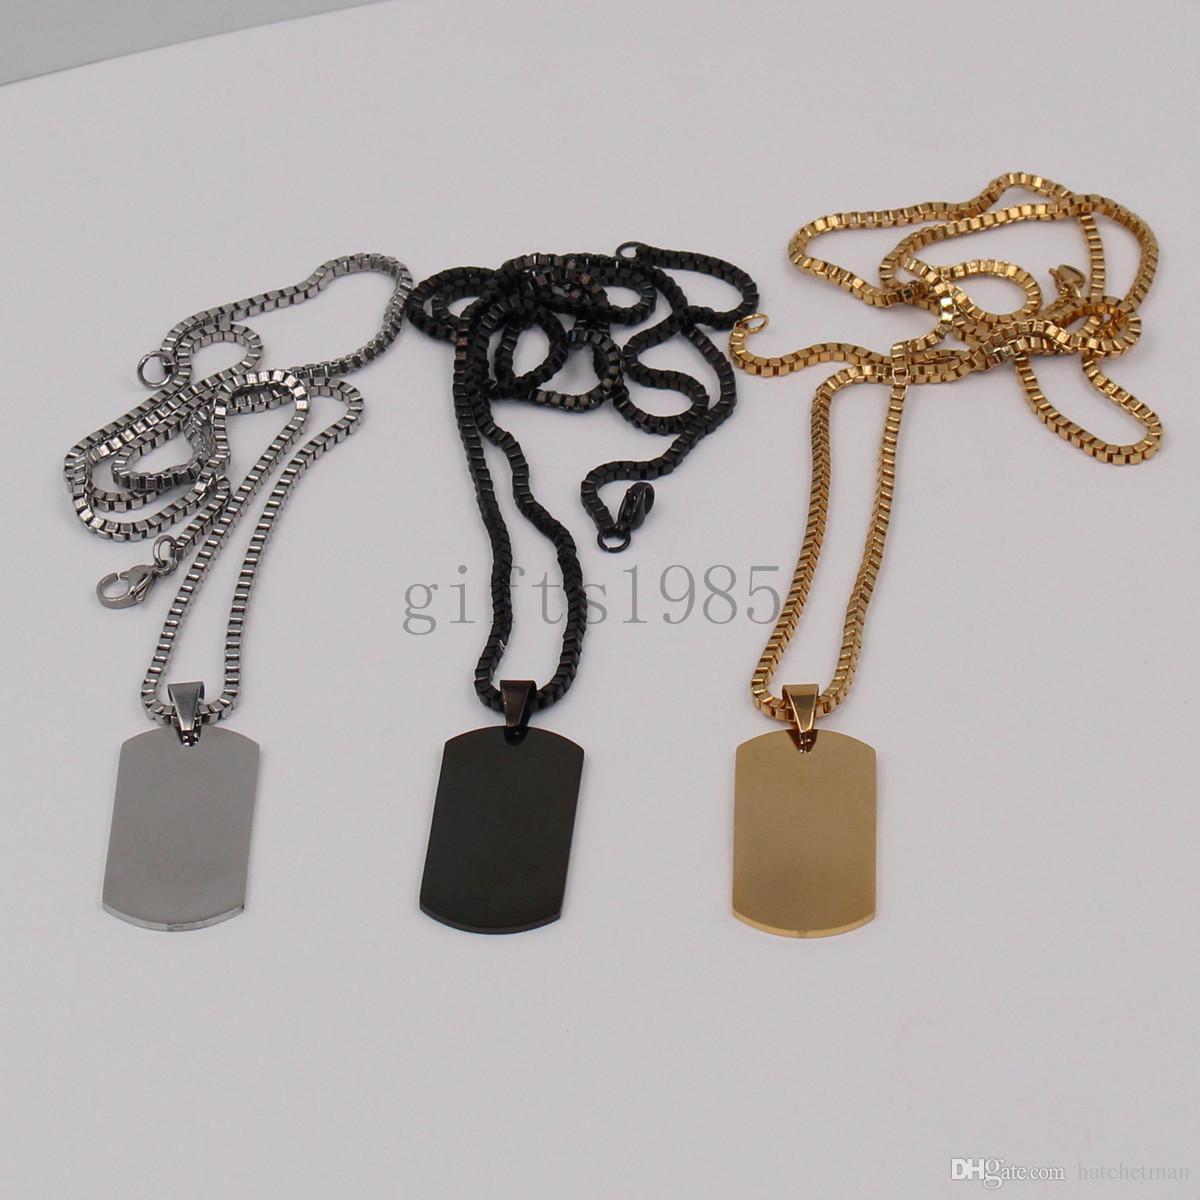 Affascinante collana in acciaio inox da uomo in argento nero con pendenti in oro nero